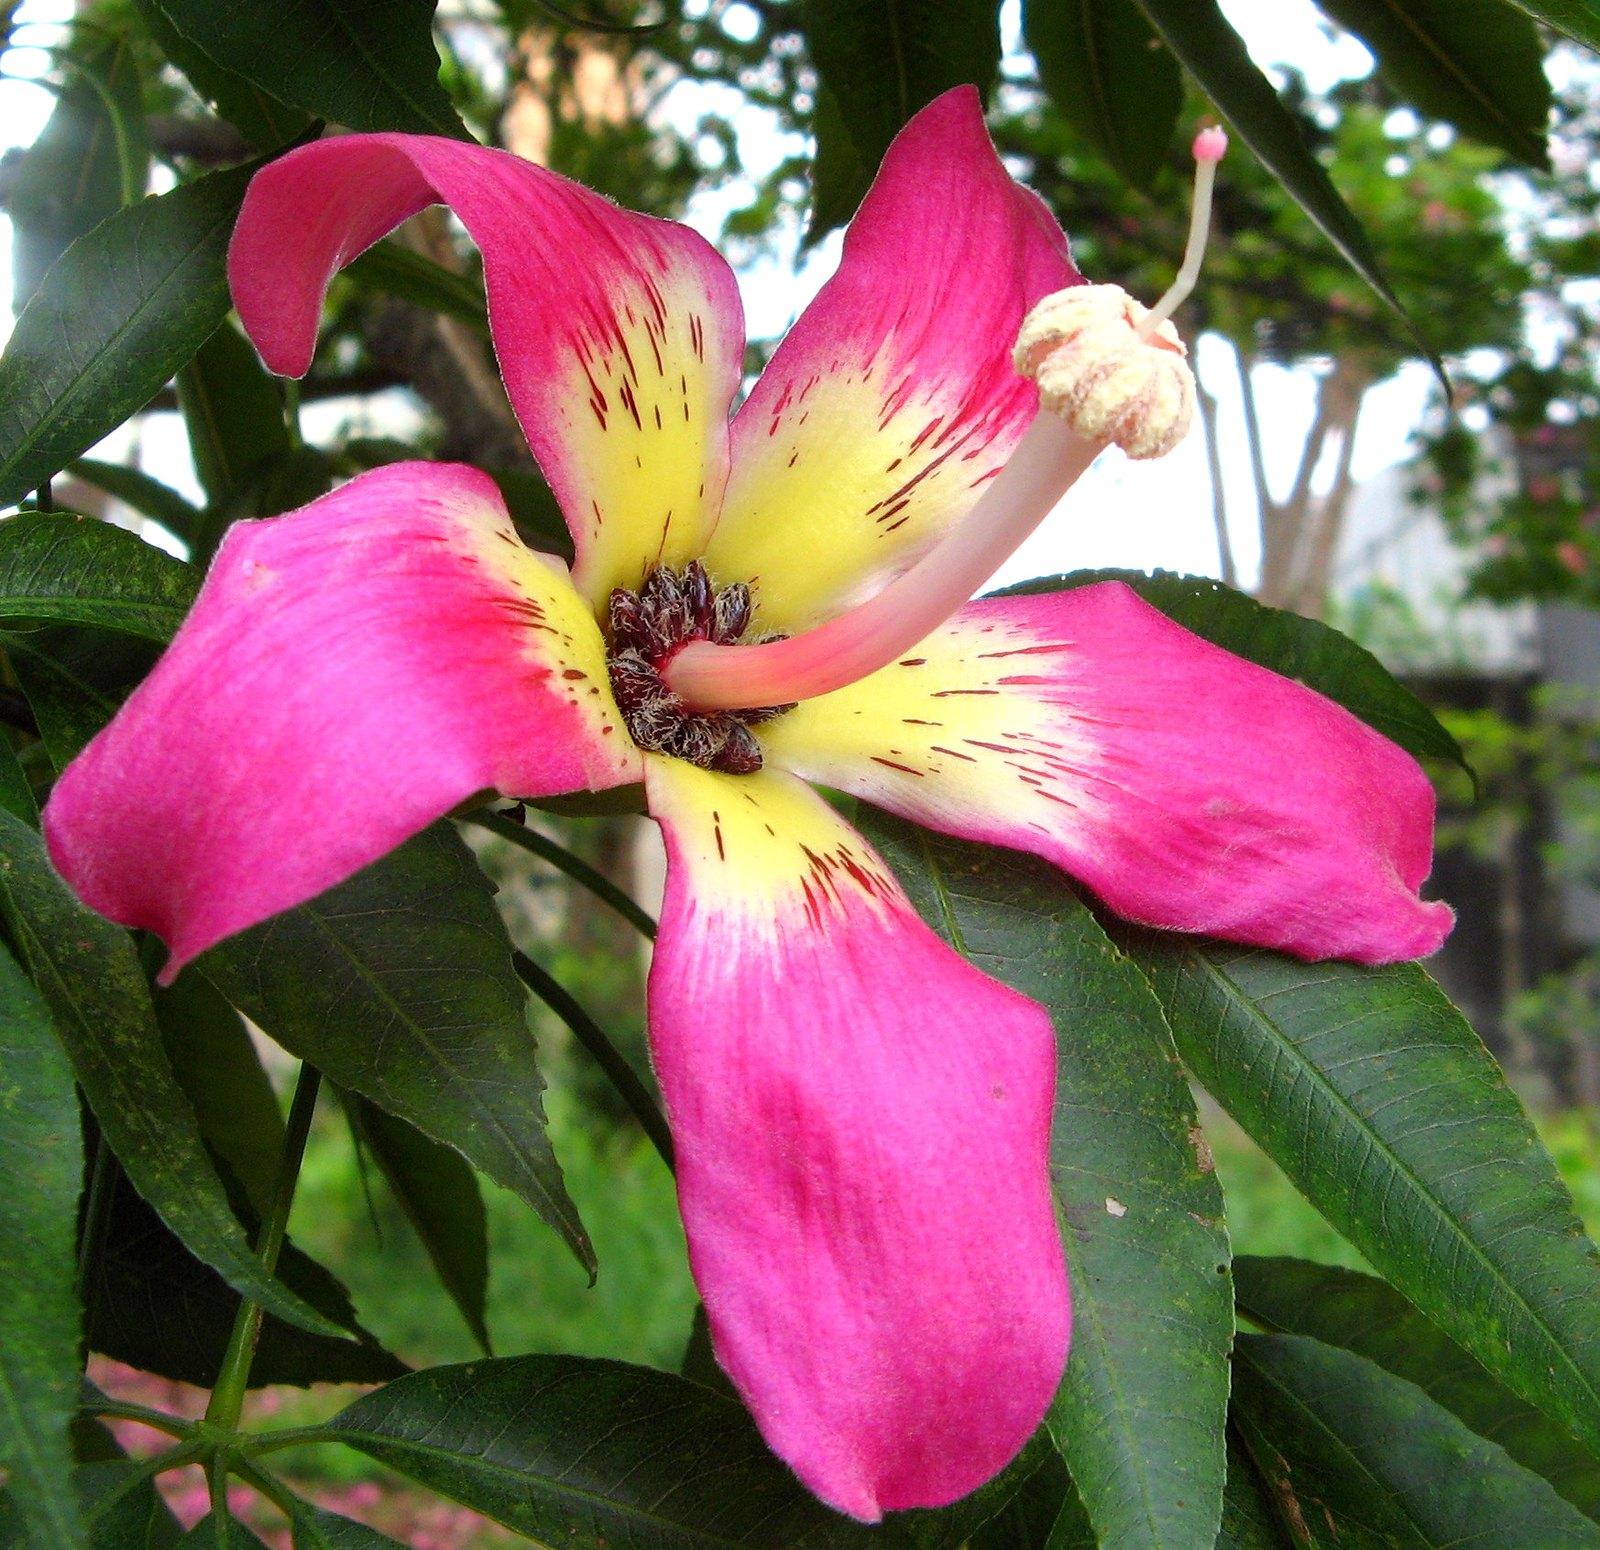 La flor del palo borracho es grande y rosa